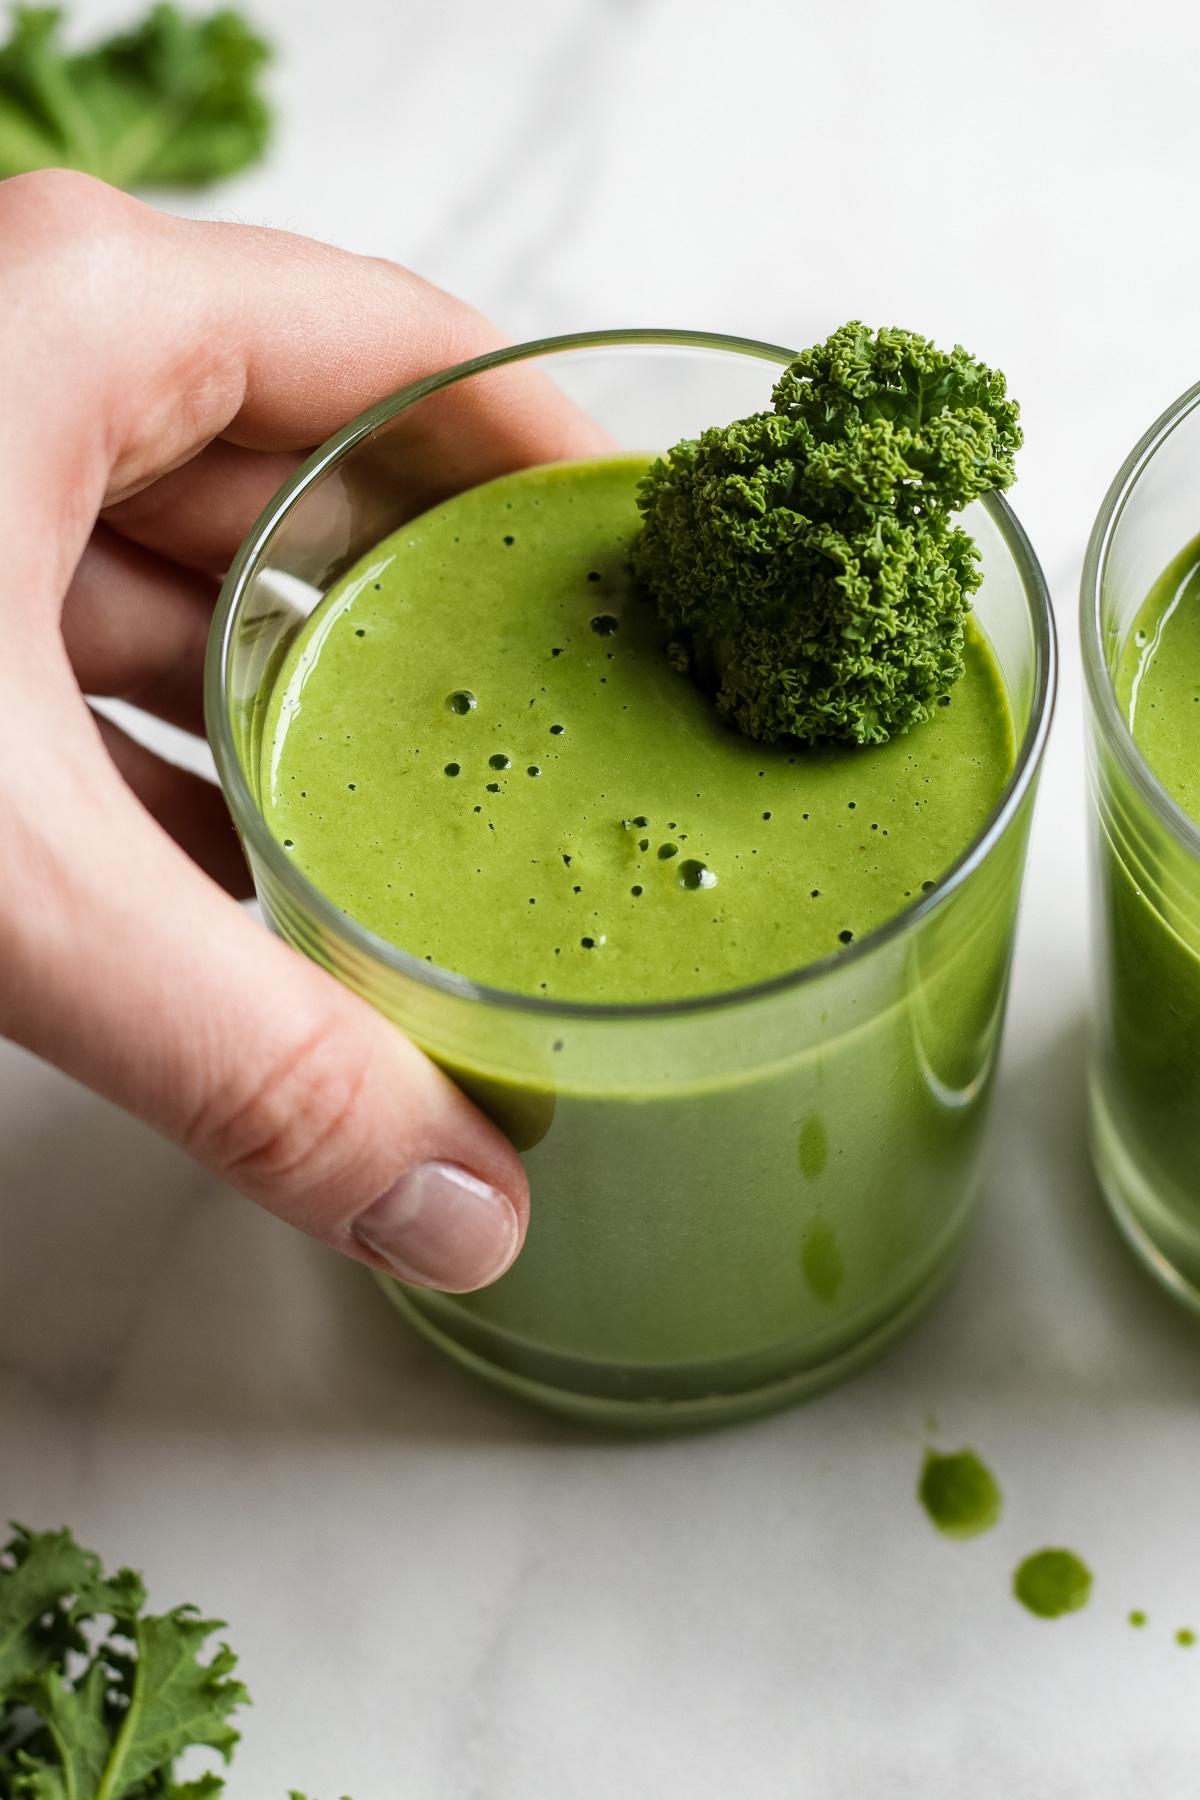 Vegan Green Smoothie Garnished with Kale.